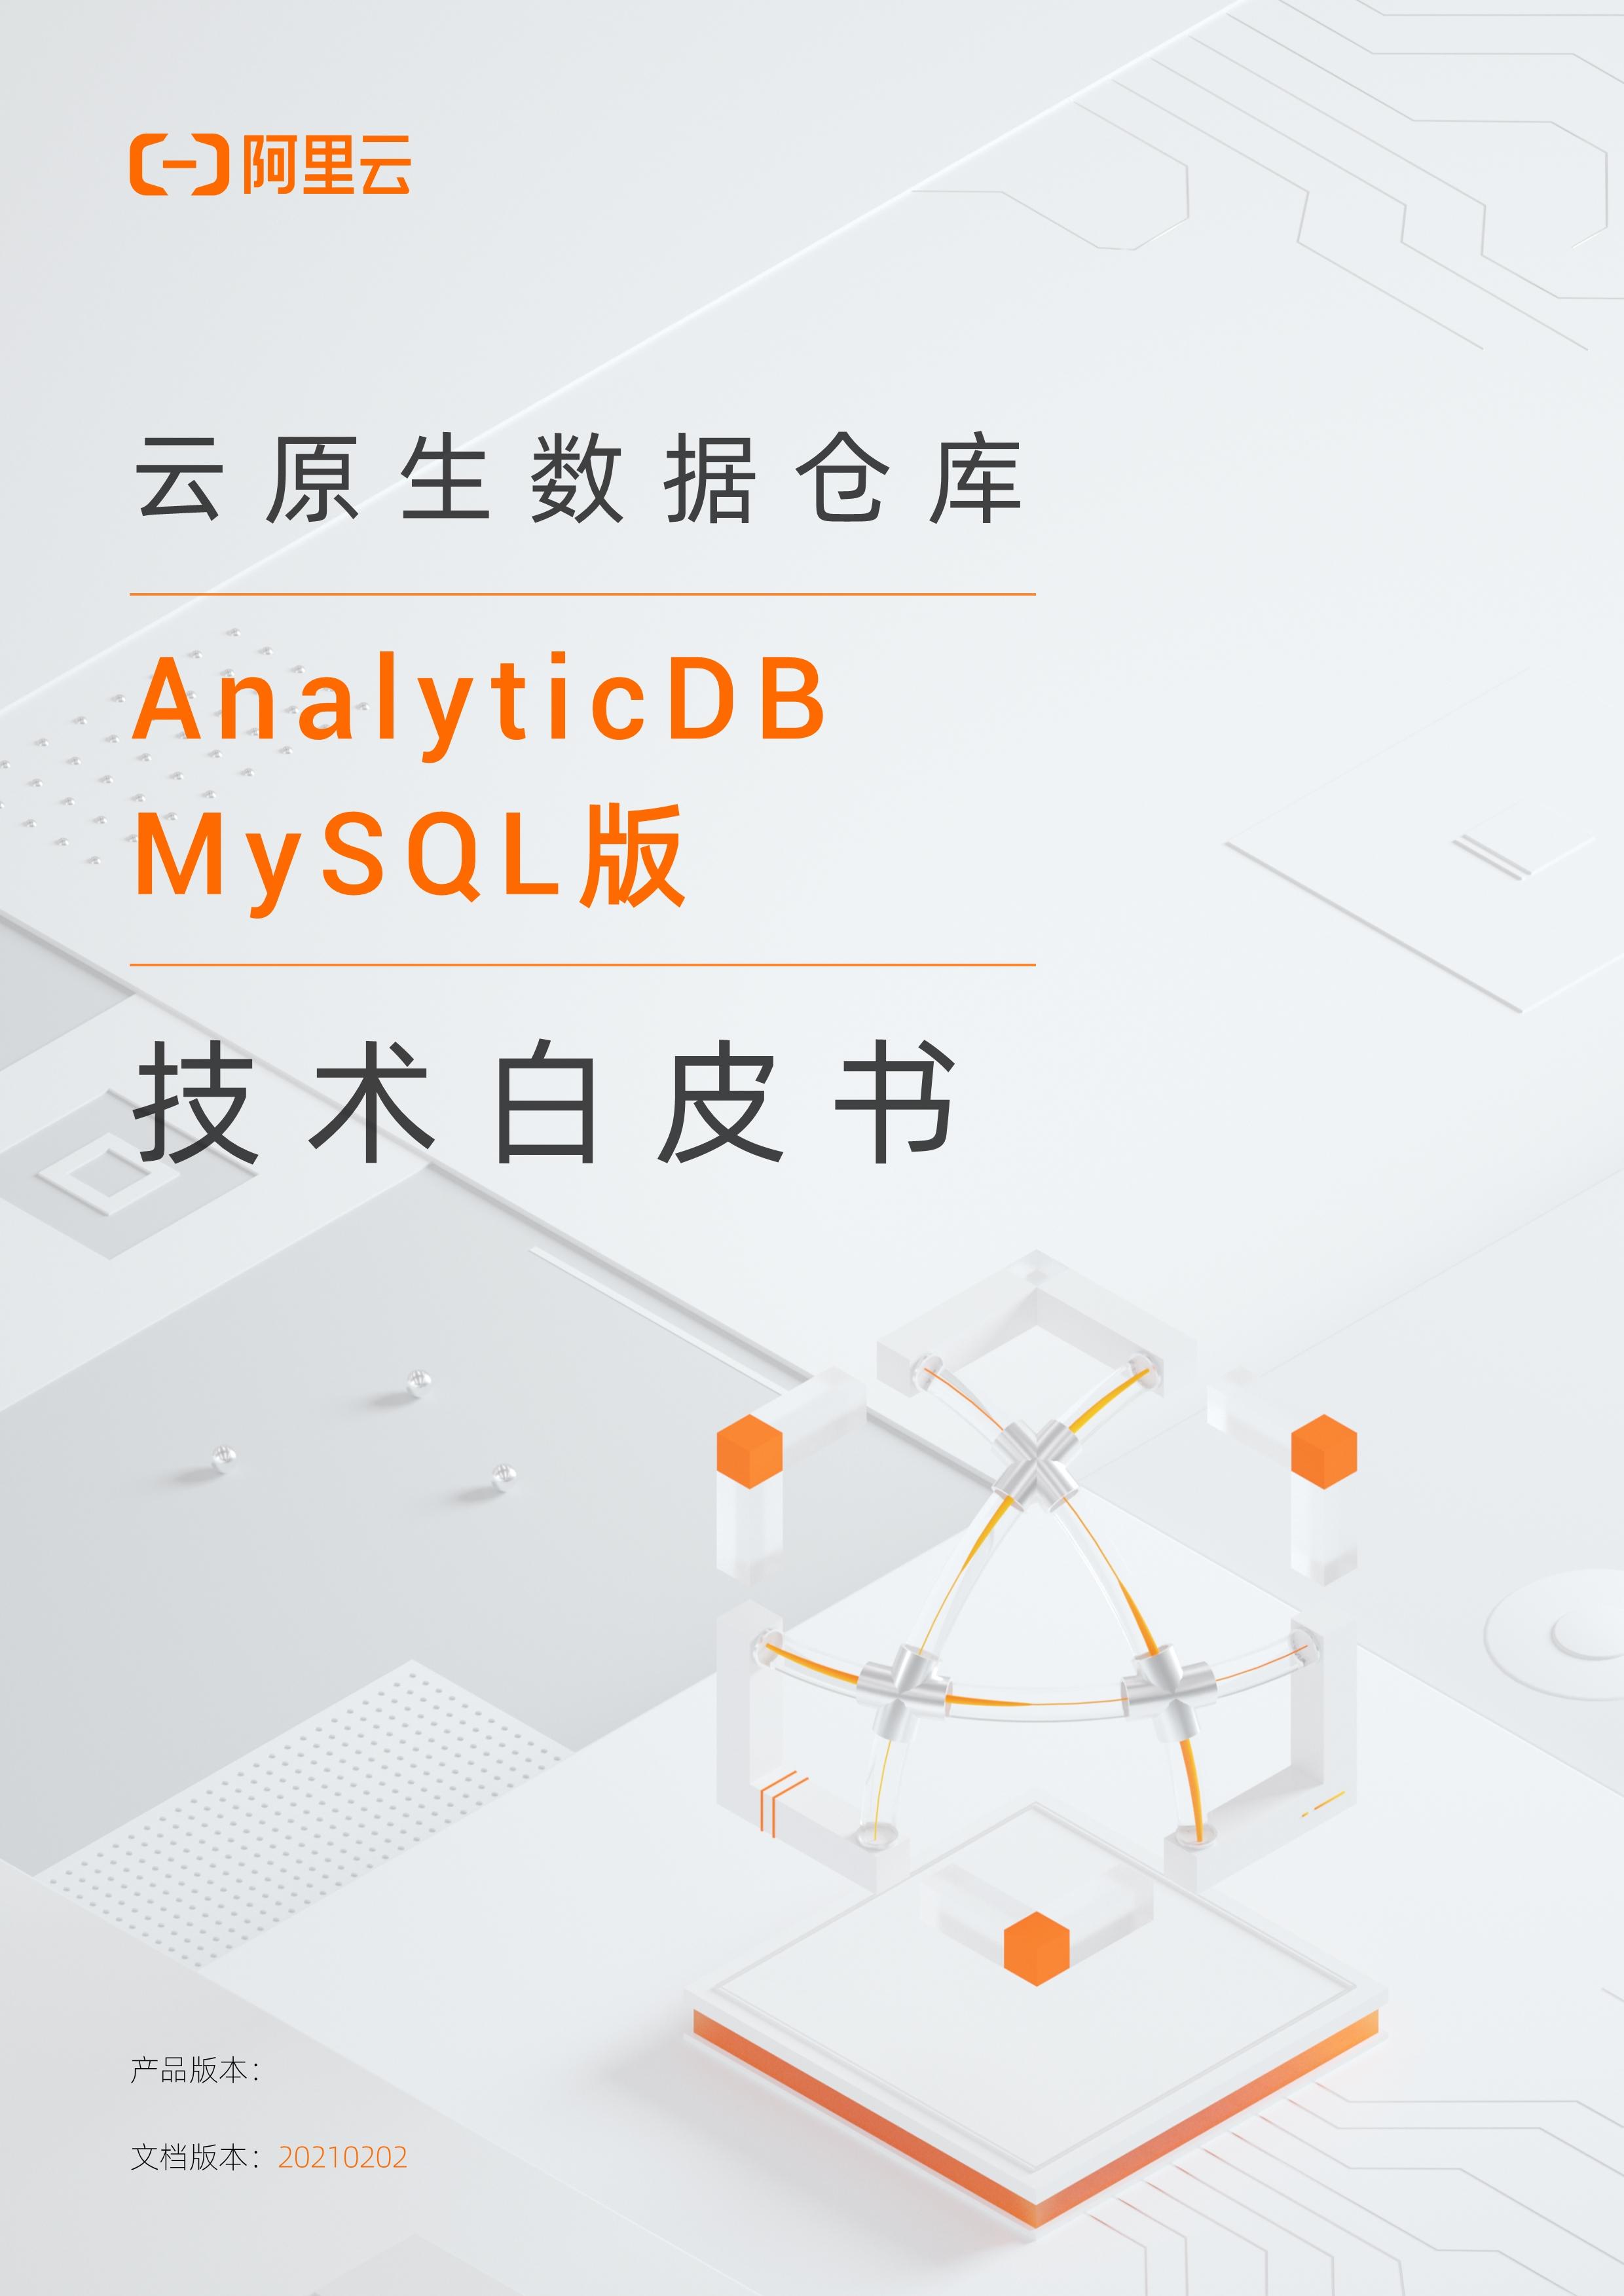 重磅下载!《云原生数据仓库AnalyticDB MySQL版技术白皮书》